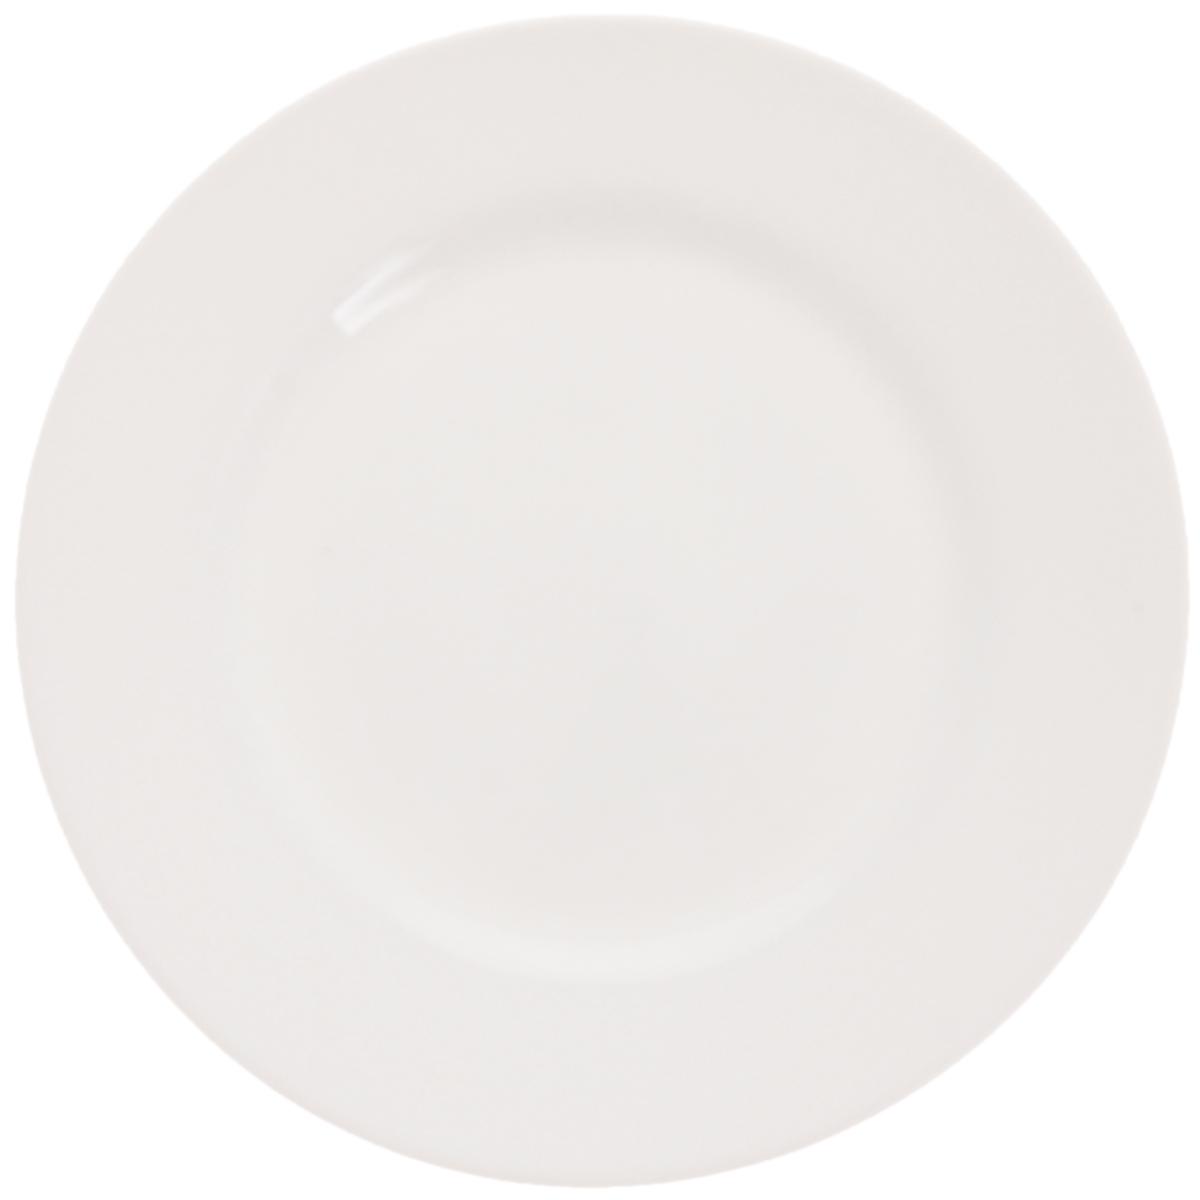 Тарелка десертная Luminarc Everyday, диаметр 19 см115610Десертная тарелка Luminarc Everyday выполнена из ударопрочного стекла. Дизайн придется по вкусу и ценителям классики, и тем, кто предпочитает утонченность и изысканность. Изделие идеально подойдет для сервировки стола и станет отличным подарком к любому празднику.Можно использовать в СВЧ-печи и мыть в посудомоечной машине. Диаметр (по верхнему краю): 19 см.